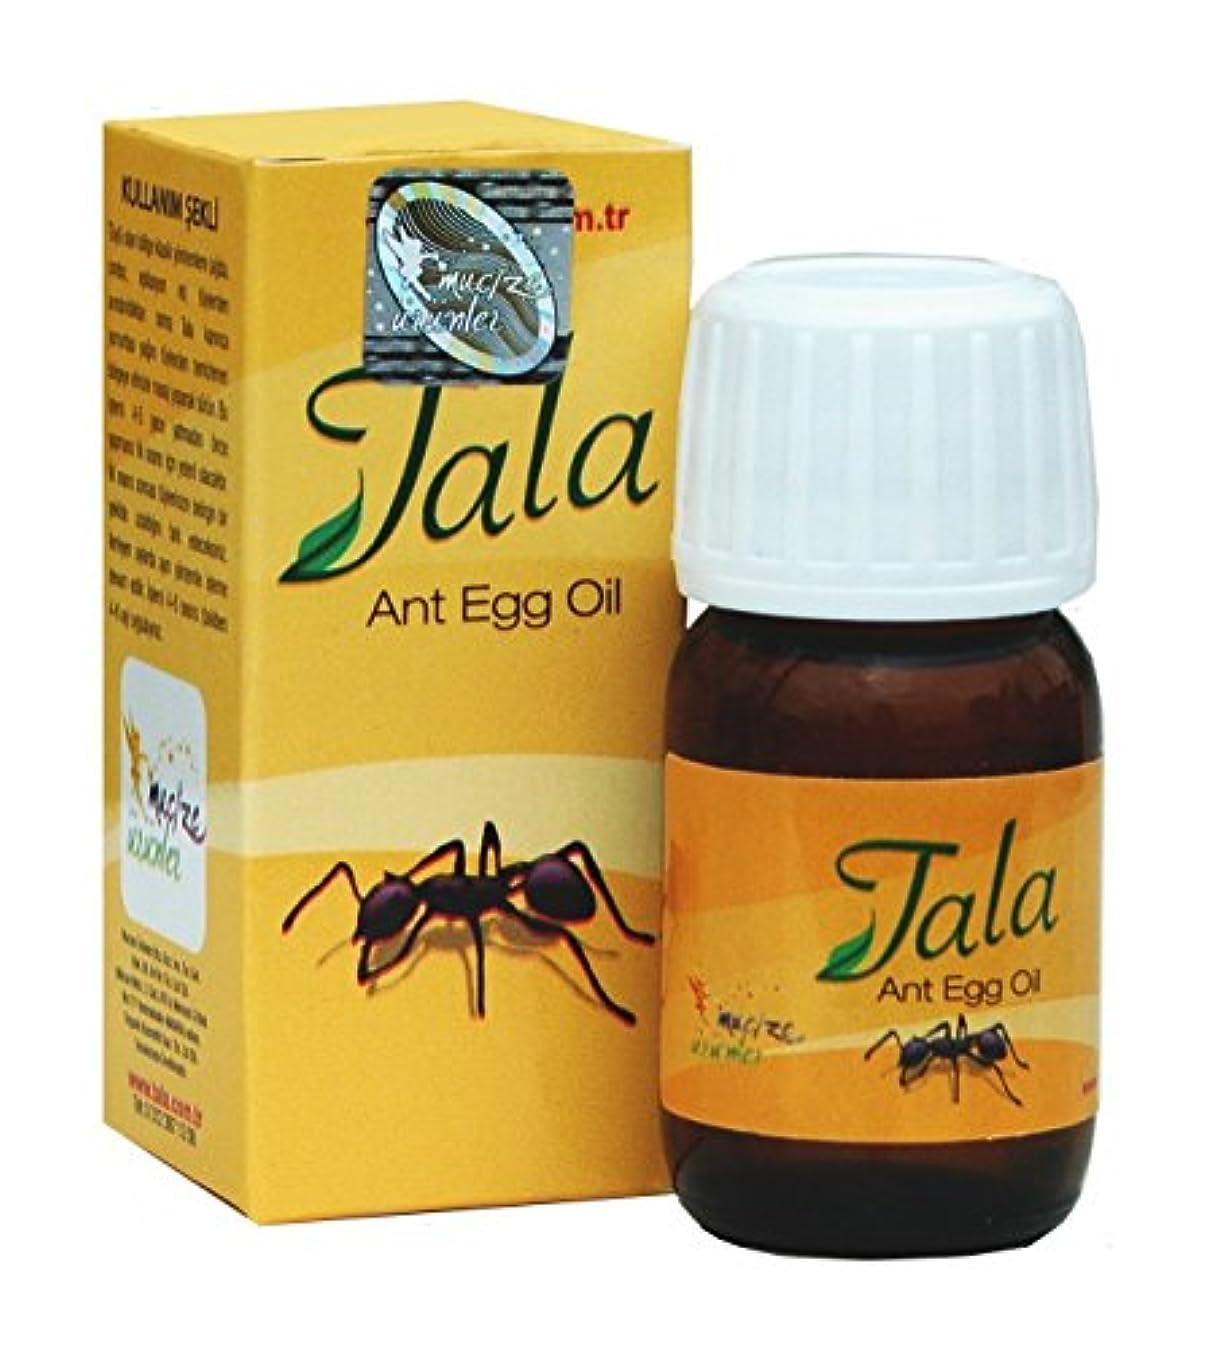 アーティファクトマーティンルーサーキングジュニア仲間Tala Ant Egg Oil (アリ脱毛オイル) 20 ml [並行輸入品]